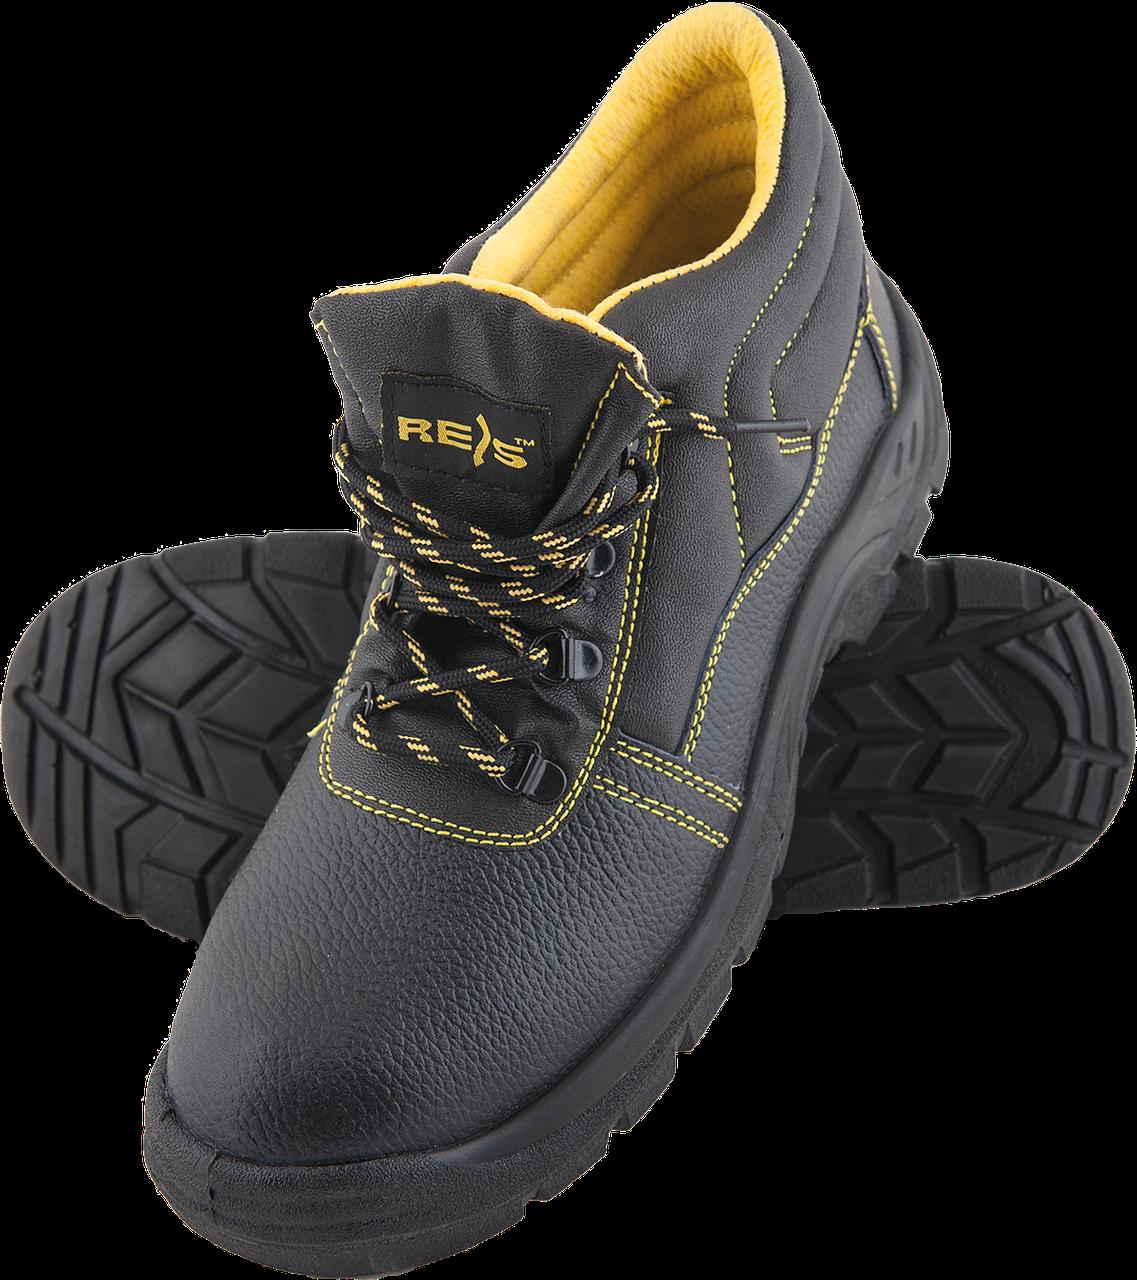 Спецобувь BRYES-T-S3 универсальная REIS Польша (рабочая обувь)